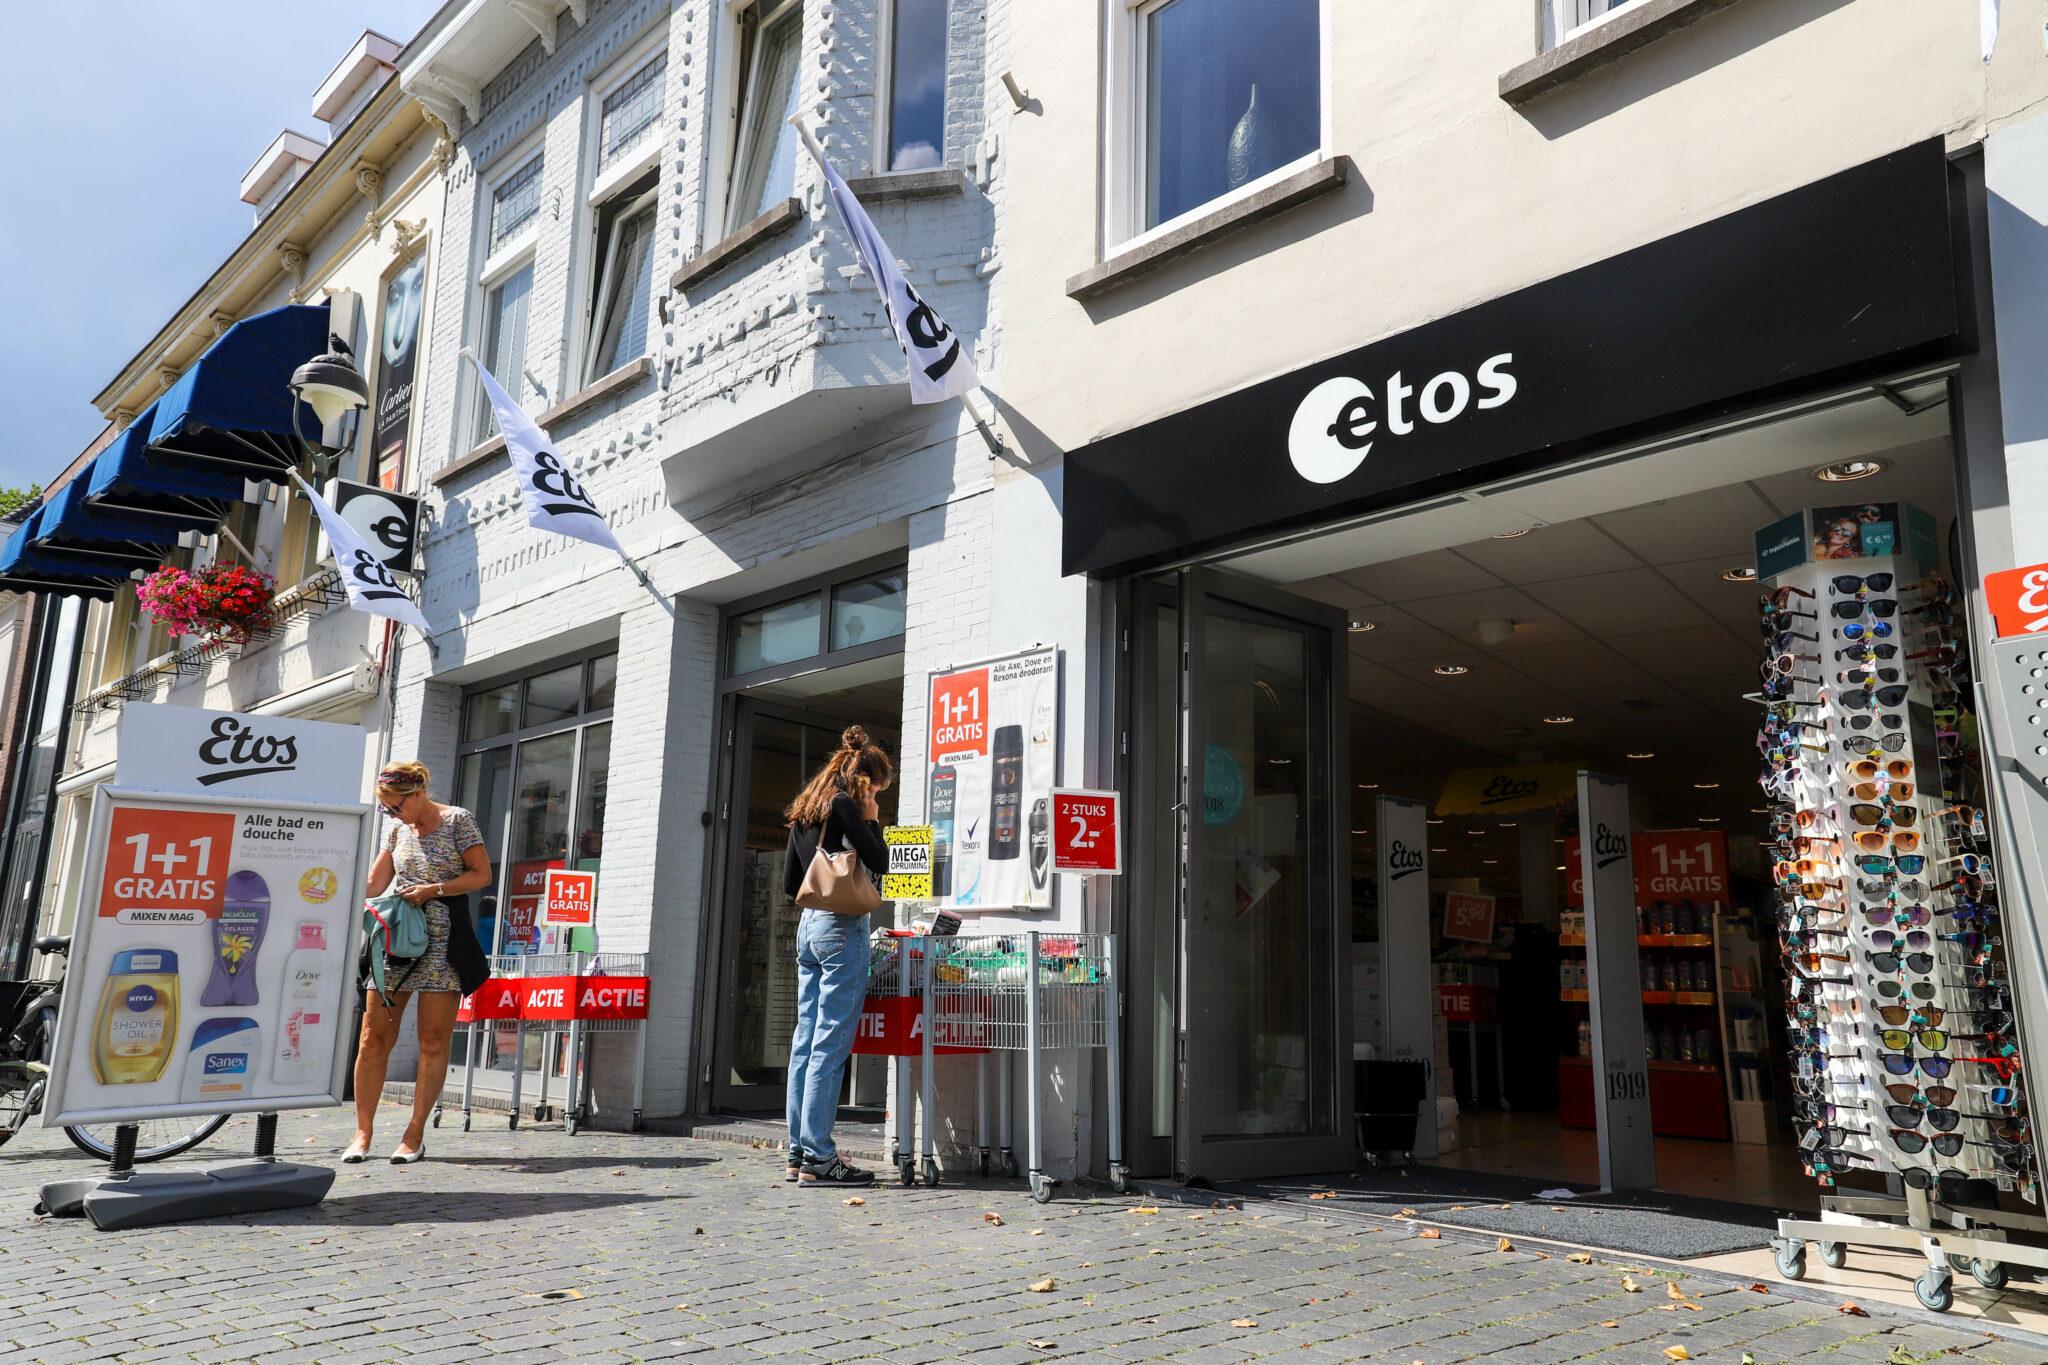 aanbiedingen Bergen op Zoom 4 x de beste aanbiedingen in Bergen op Zoom drogist binnenstad centrum